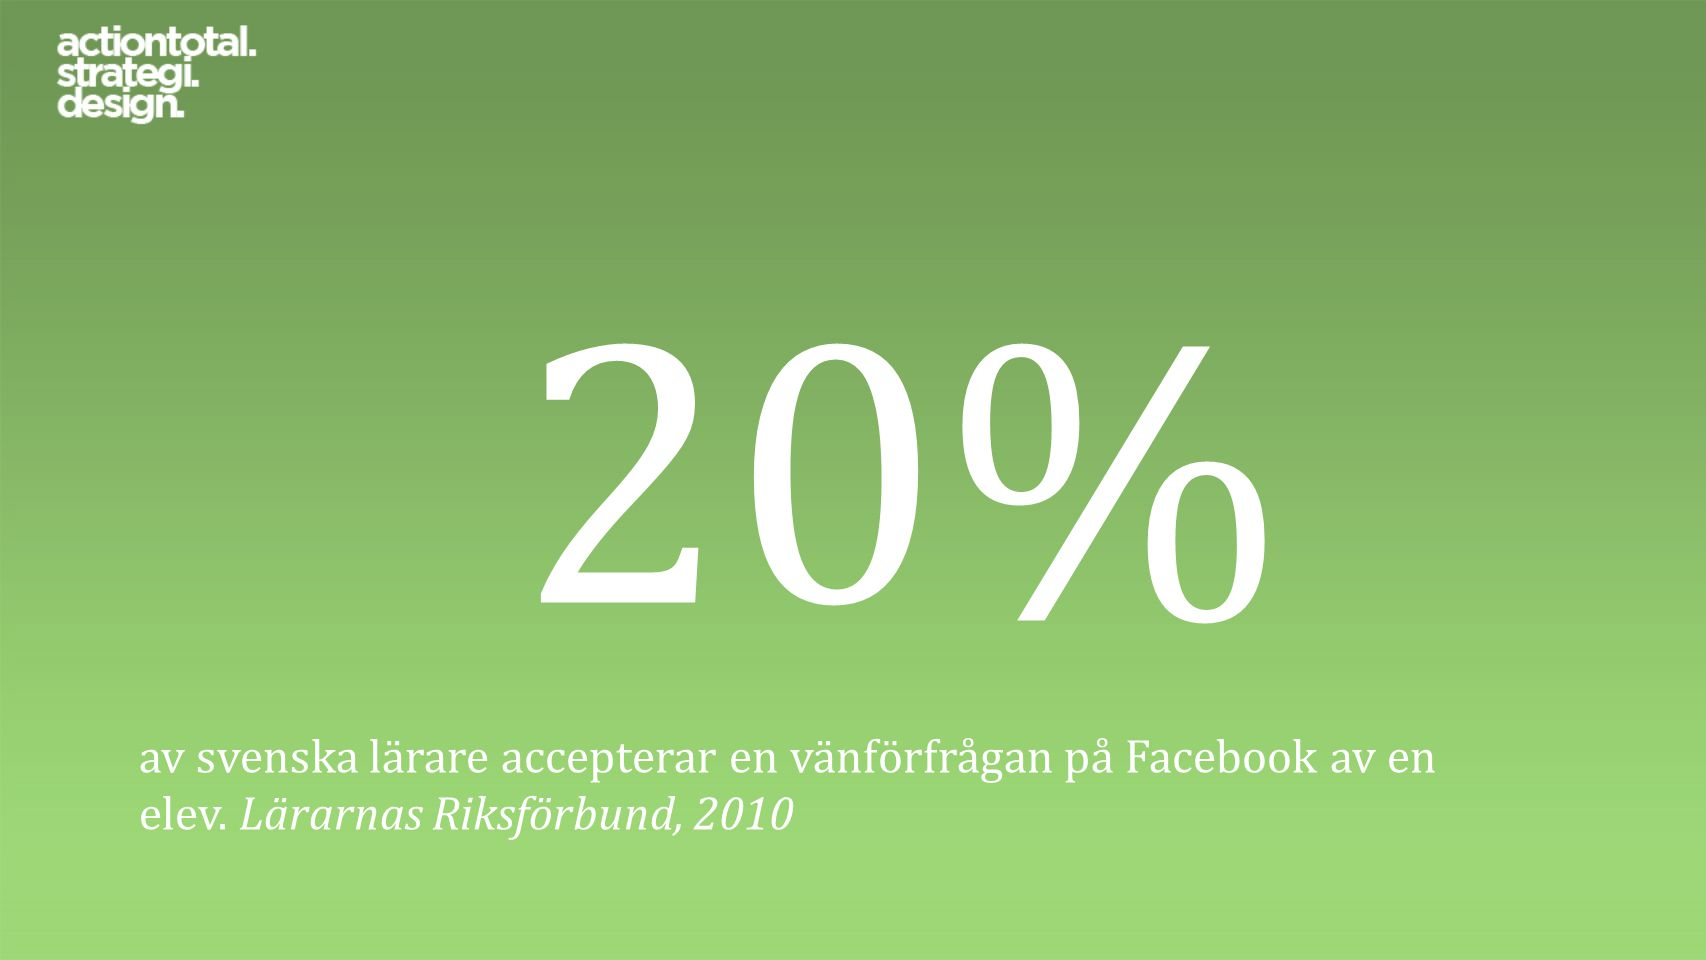 20% av svenska lärare accepterar en vänförfrågan på Facebook av en elev. Lärarnas Riksförbund, 2010